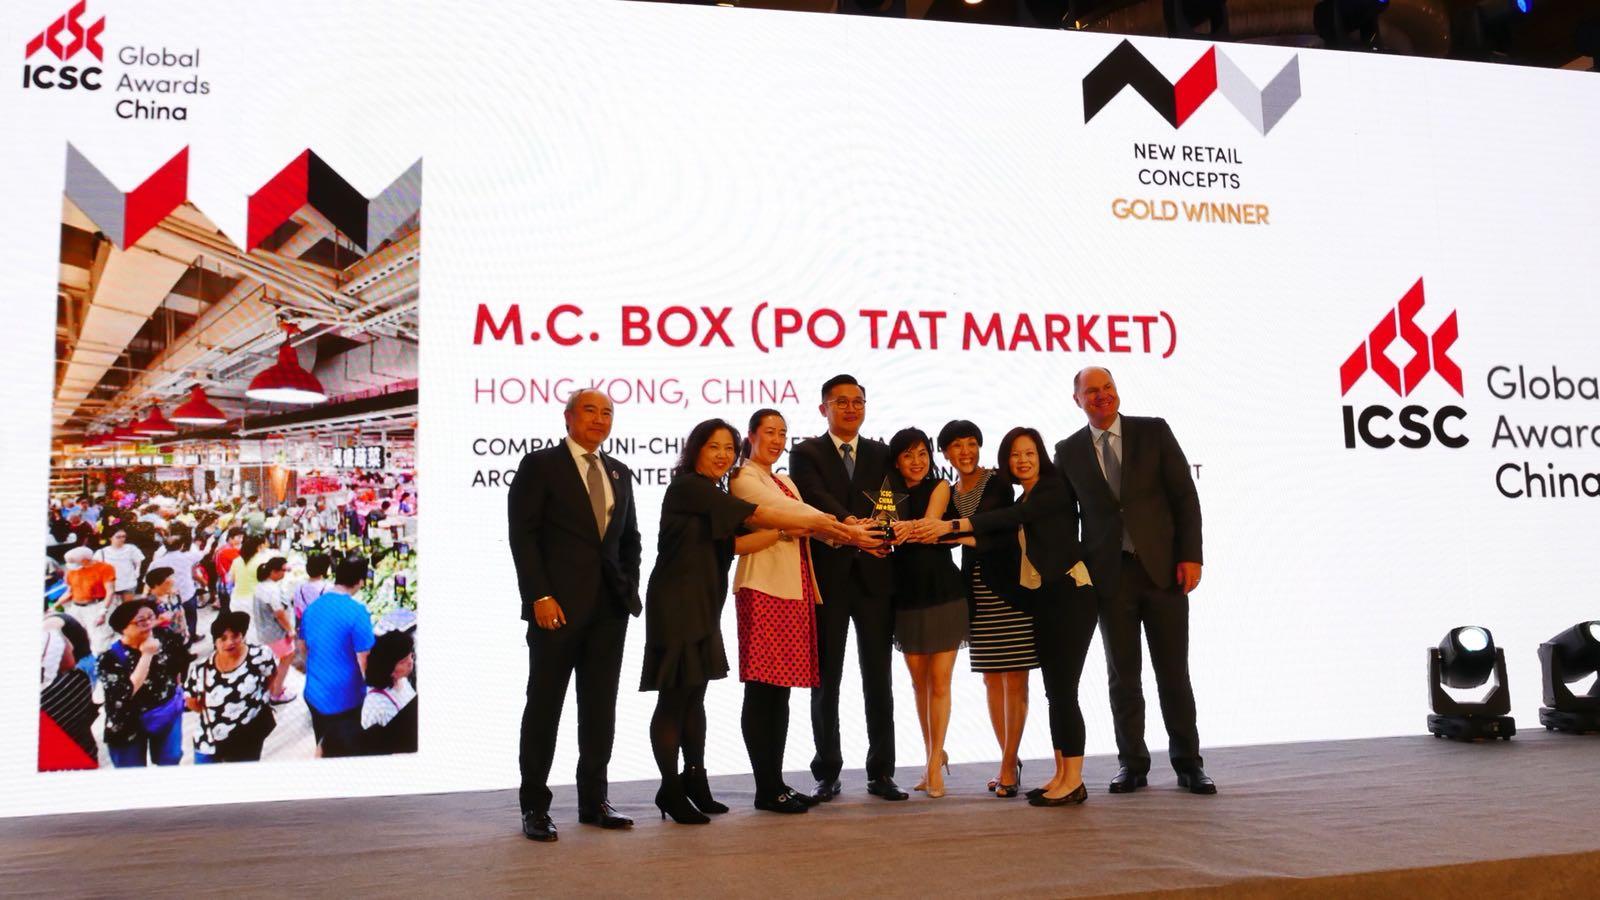 今年比賽結果於上海舉行的頒獎晚會上公佈,表揚各地購物中心及零售商在市場推廣、設計及開發等方面的卓越成就。